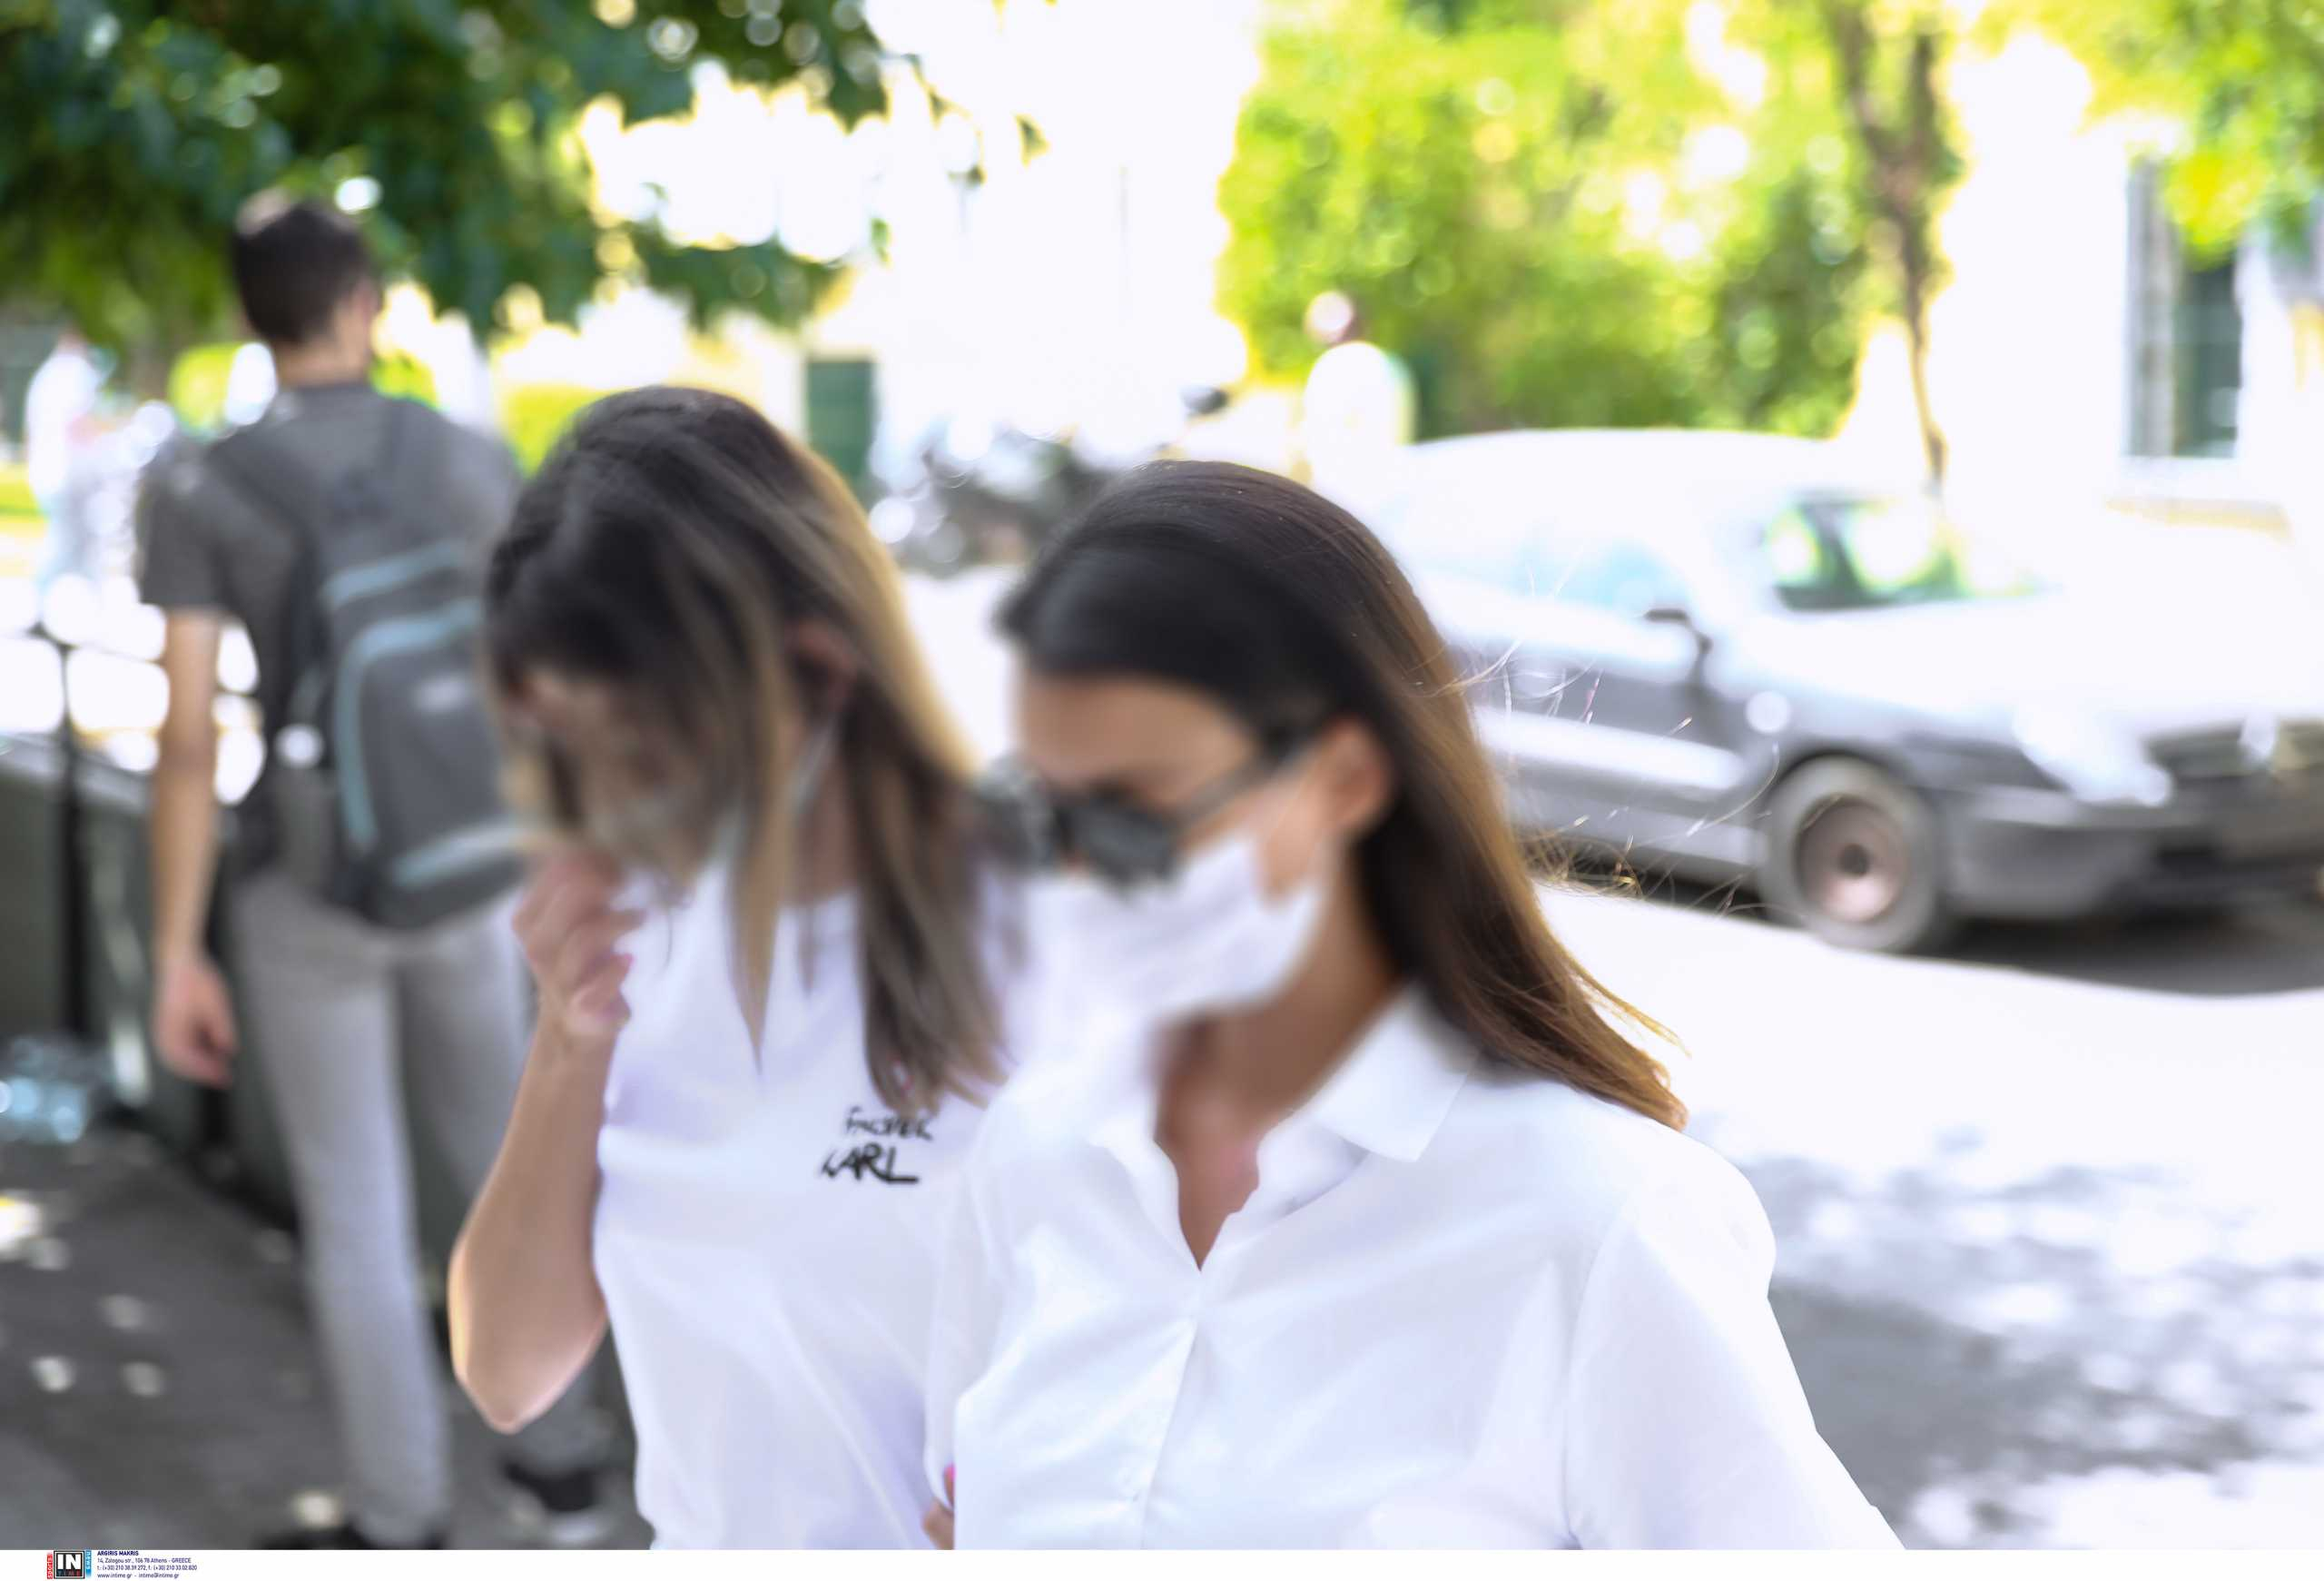 Αλέξης Κούγιας για το μοντέλο με την κοκαΐνη: Ο πρώην σύζυγός της επηρεάζει καταστάσεις